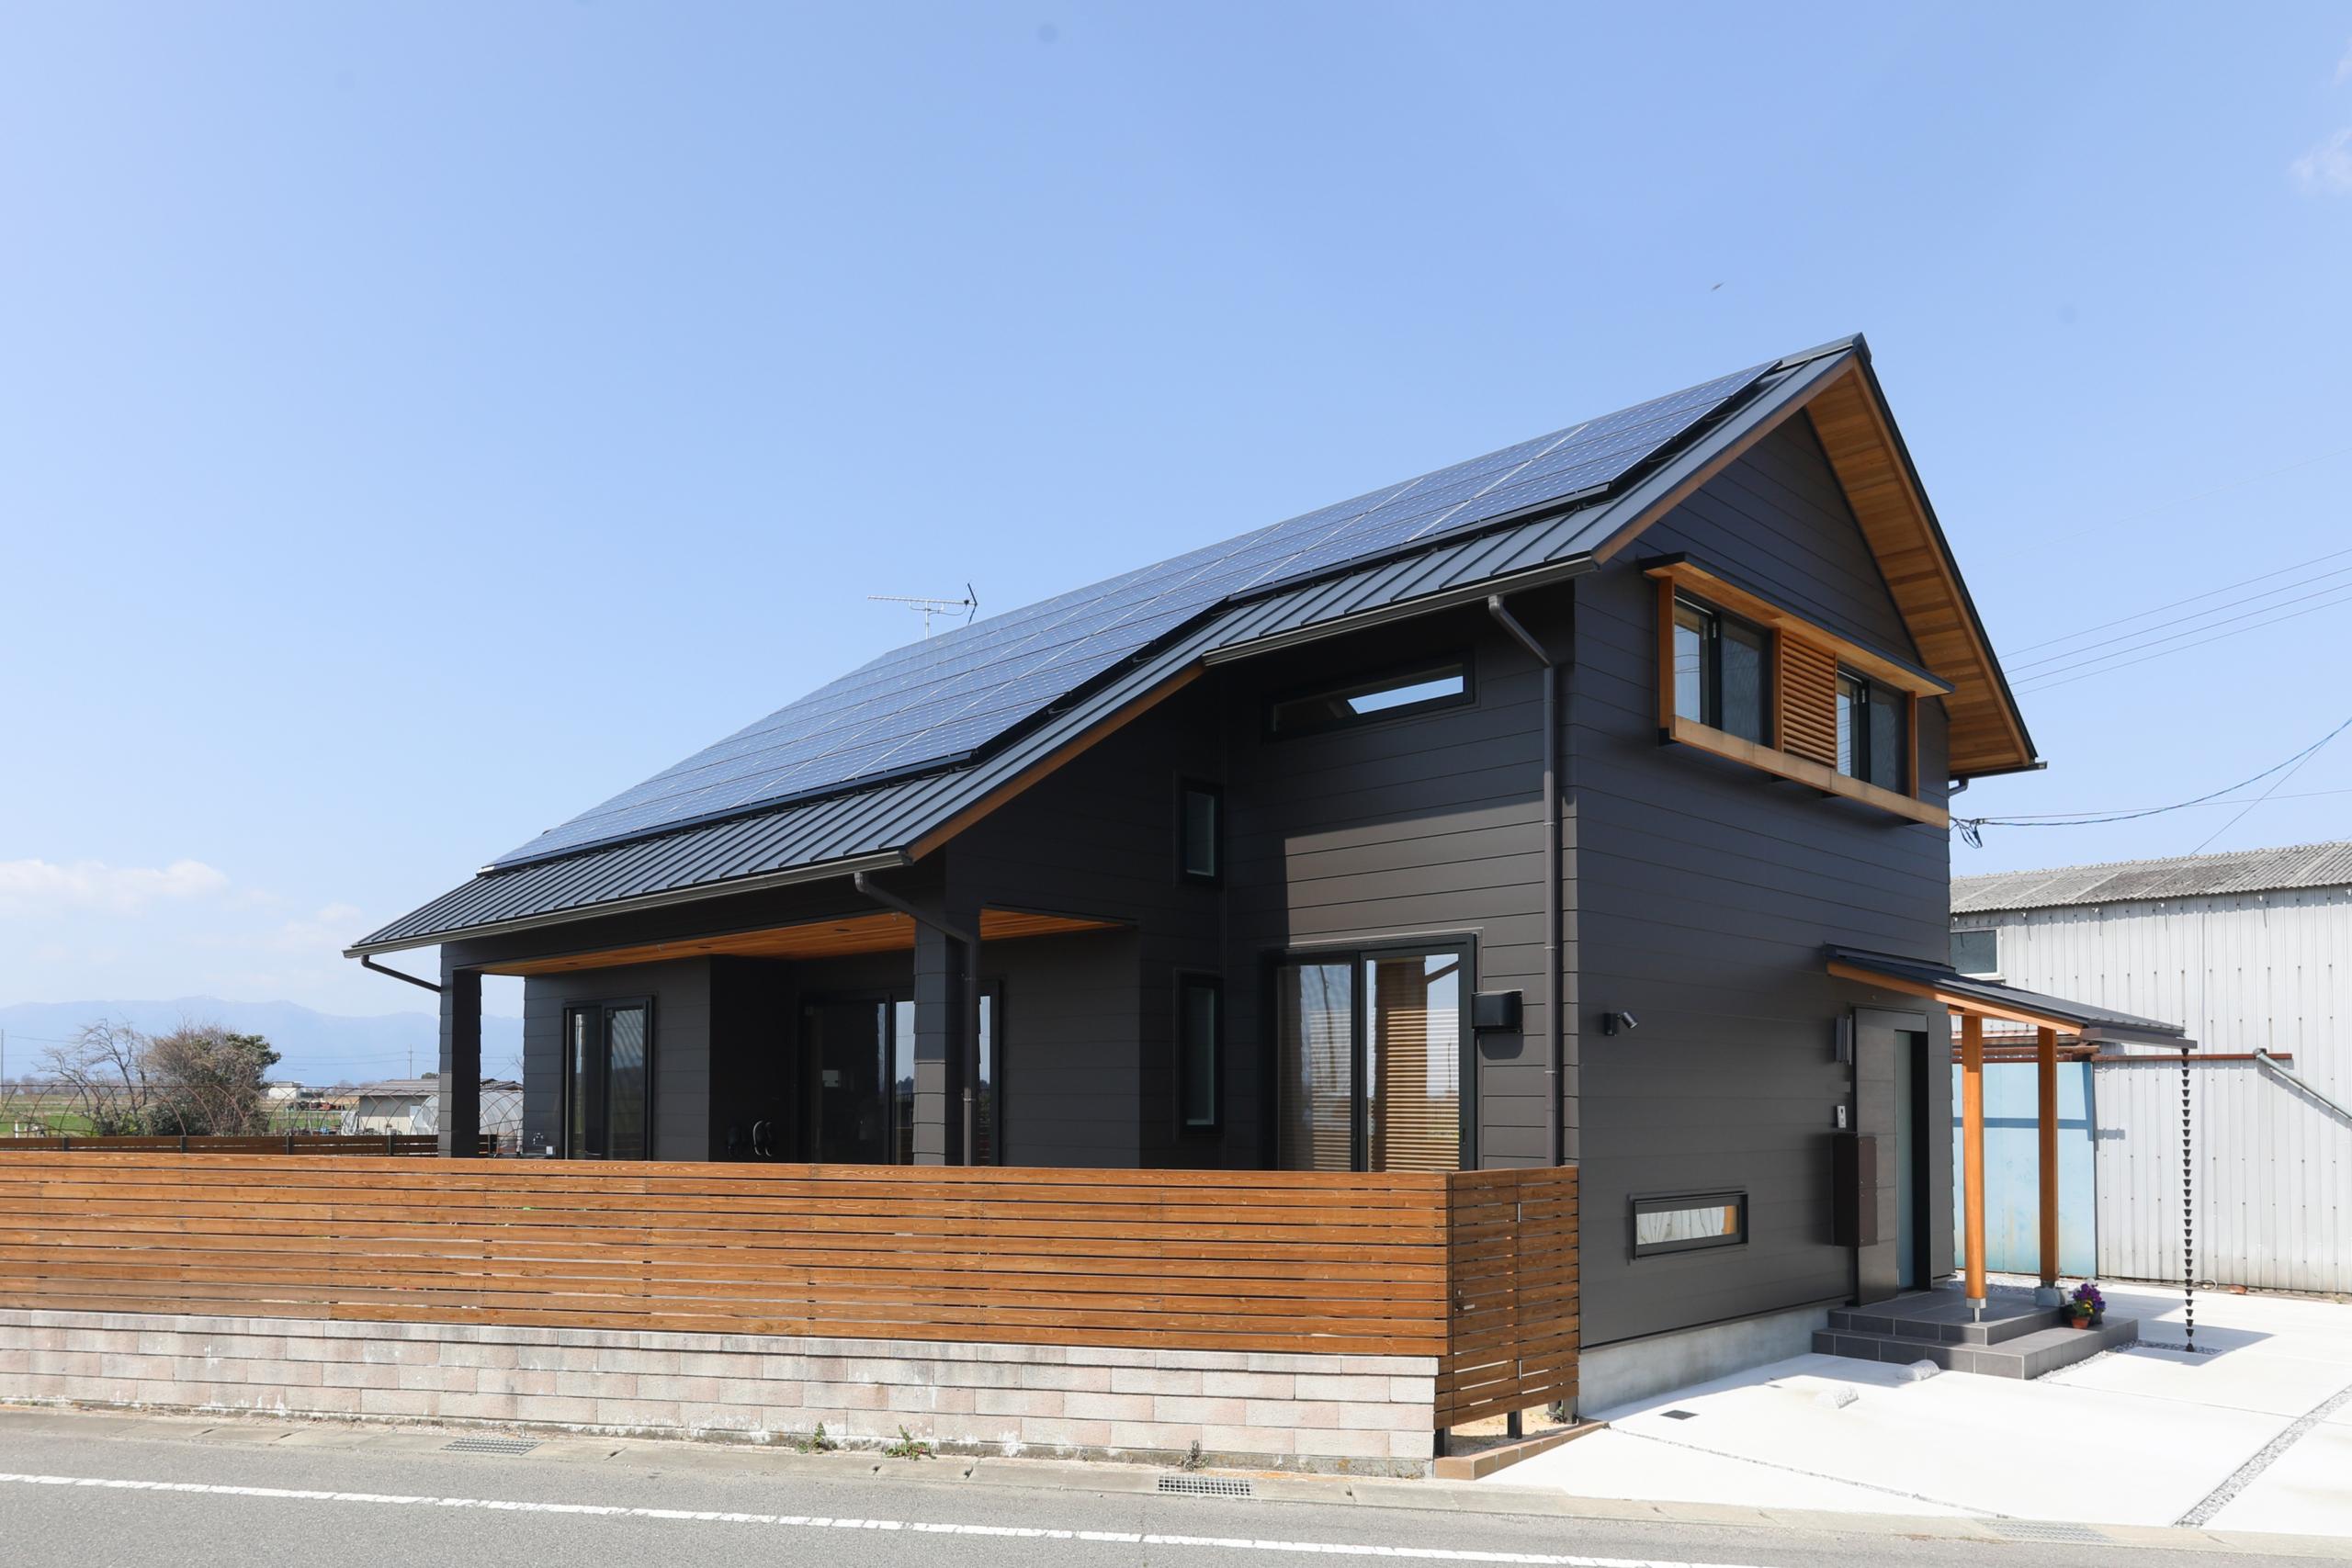 広い吹き抜けのある山小屋風の家